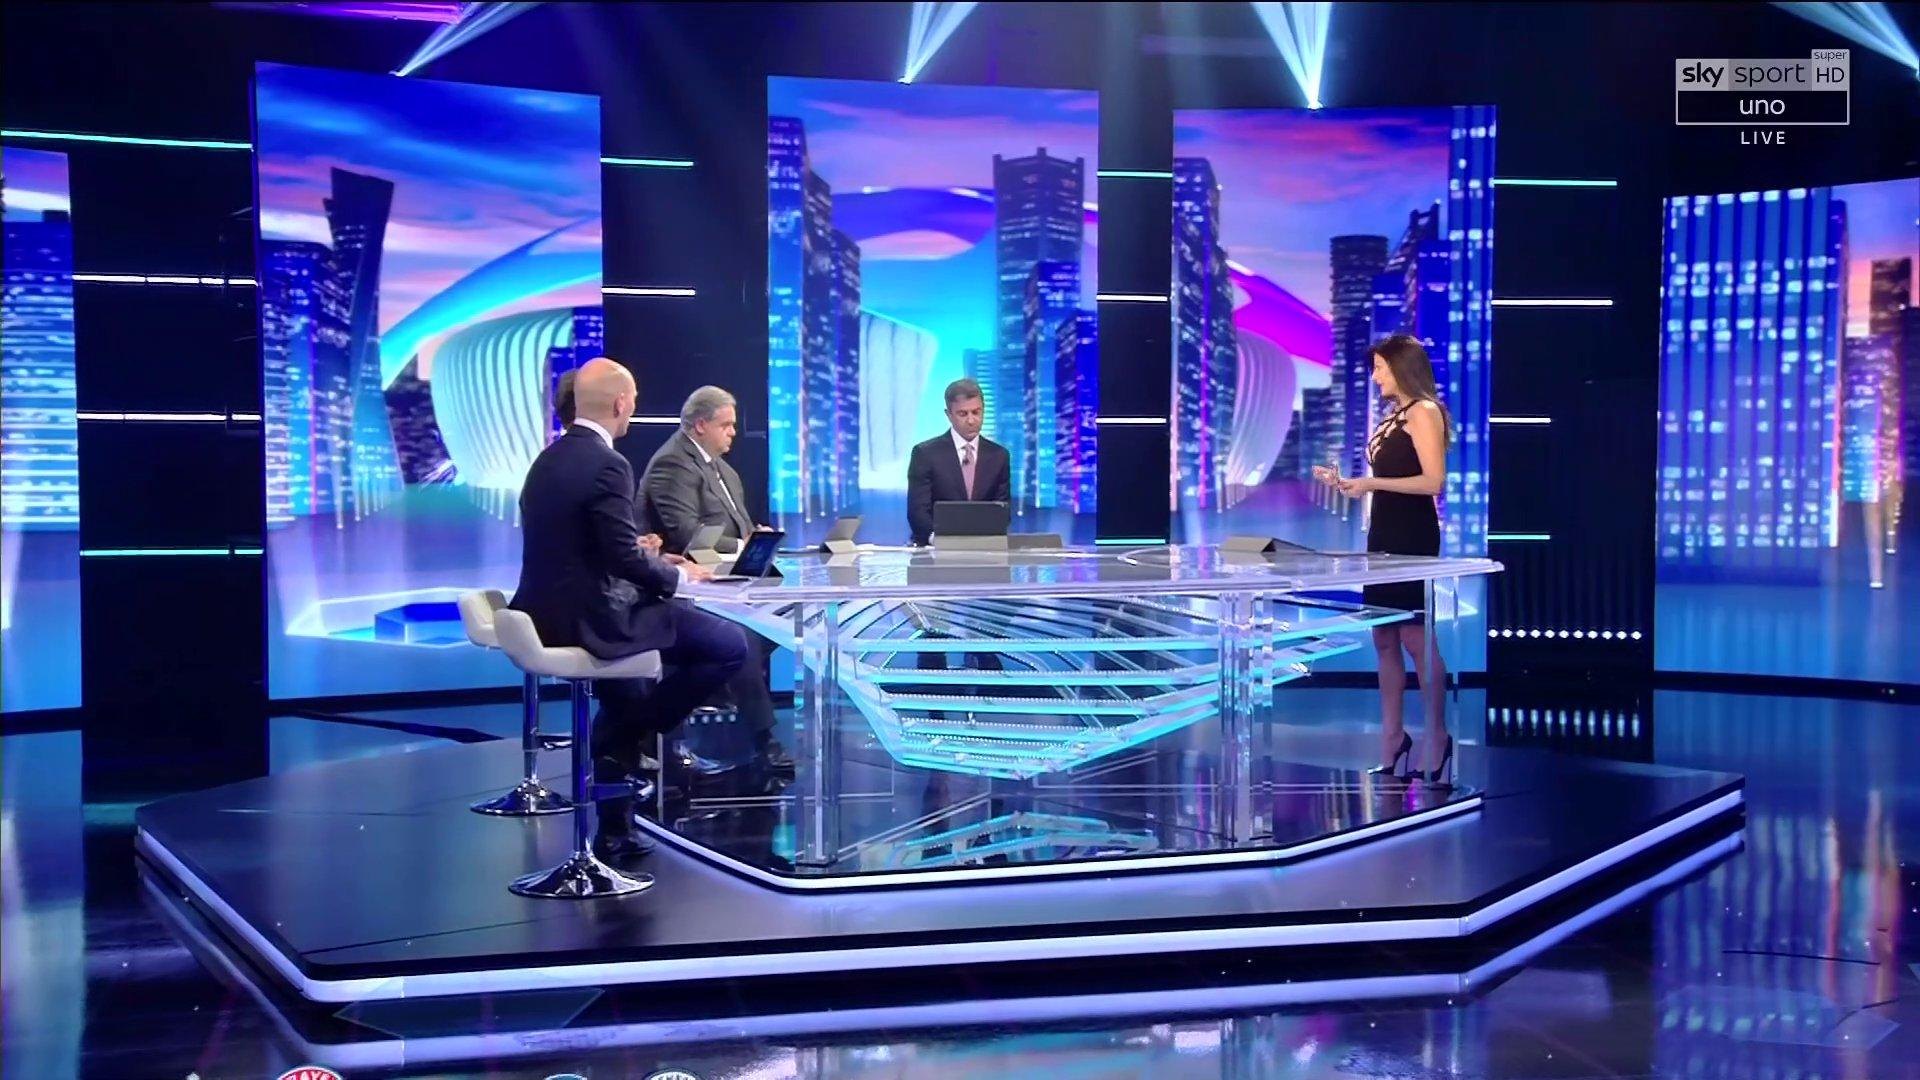 Sky Sport Champions Ottavi #2, Diretta Esclusiva | Palinsesto e Telecronisti